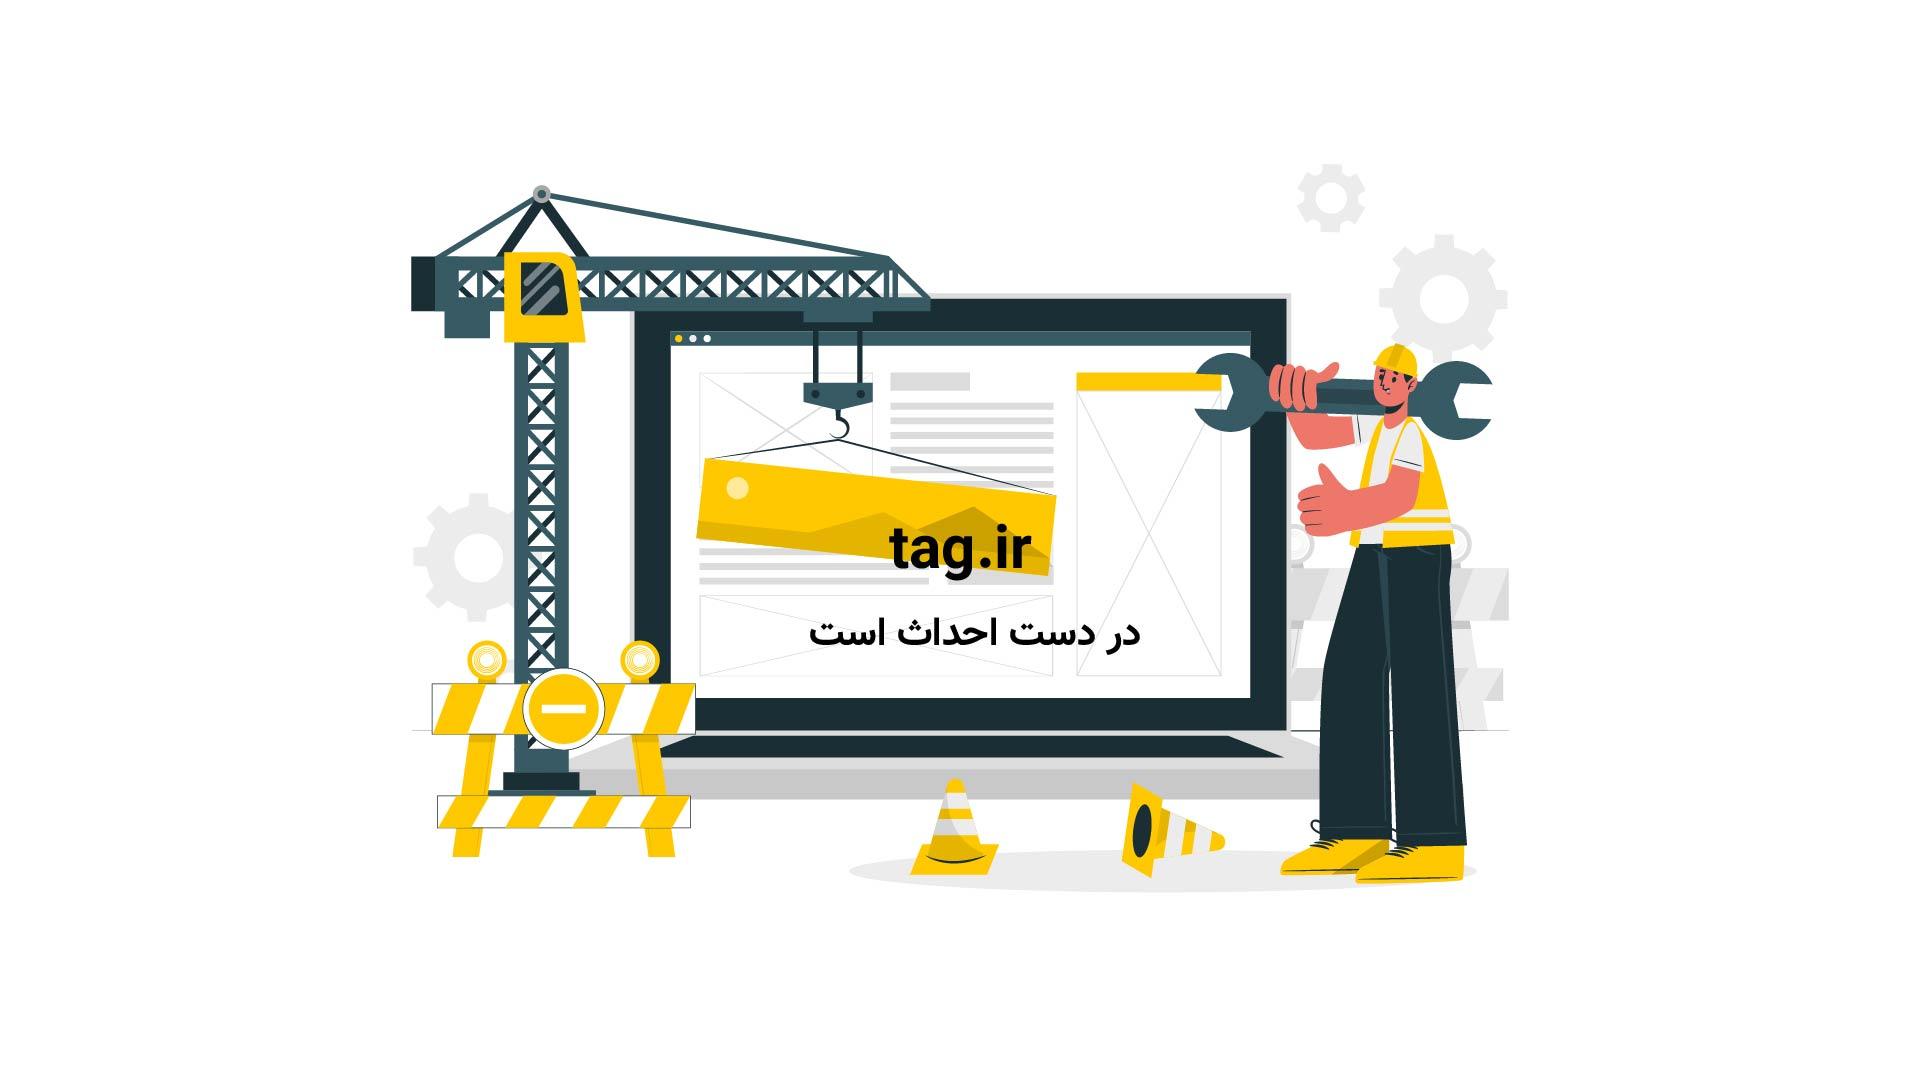 حرکت جالب اوباما | تگ